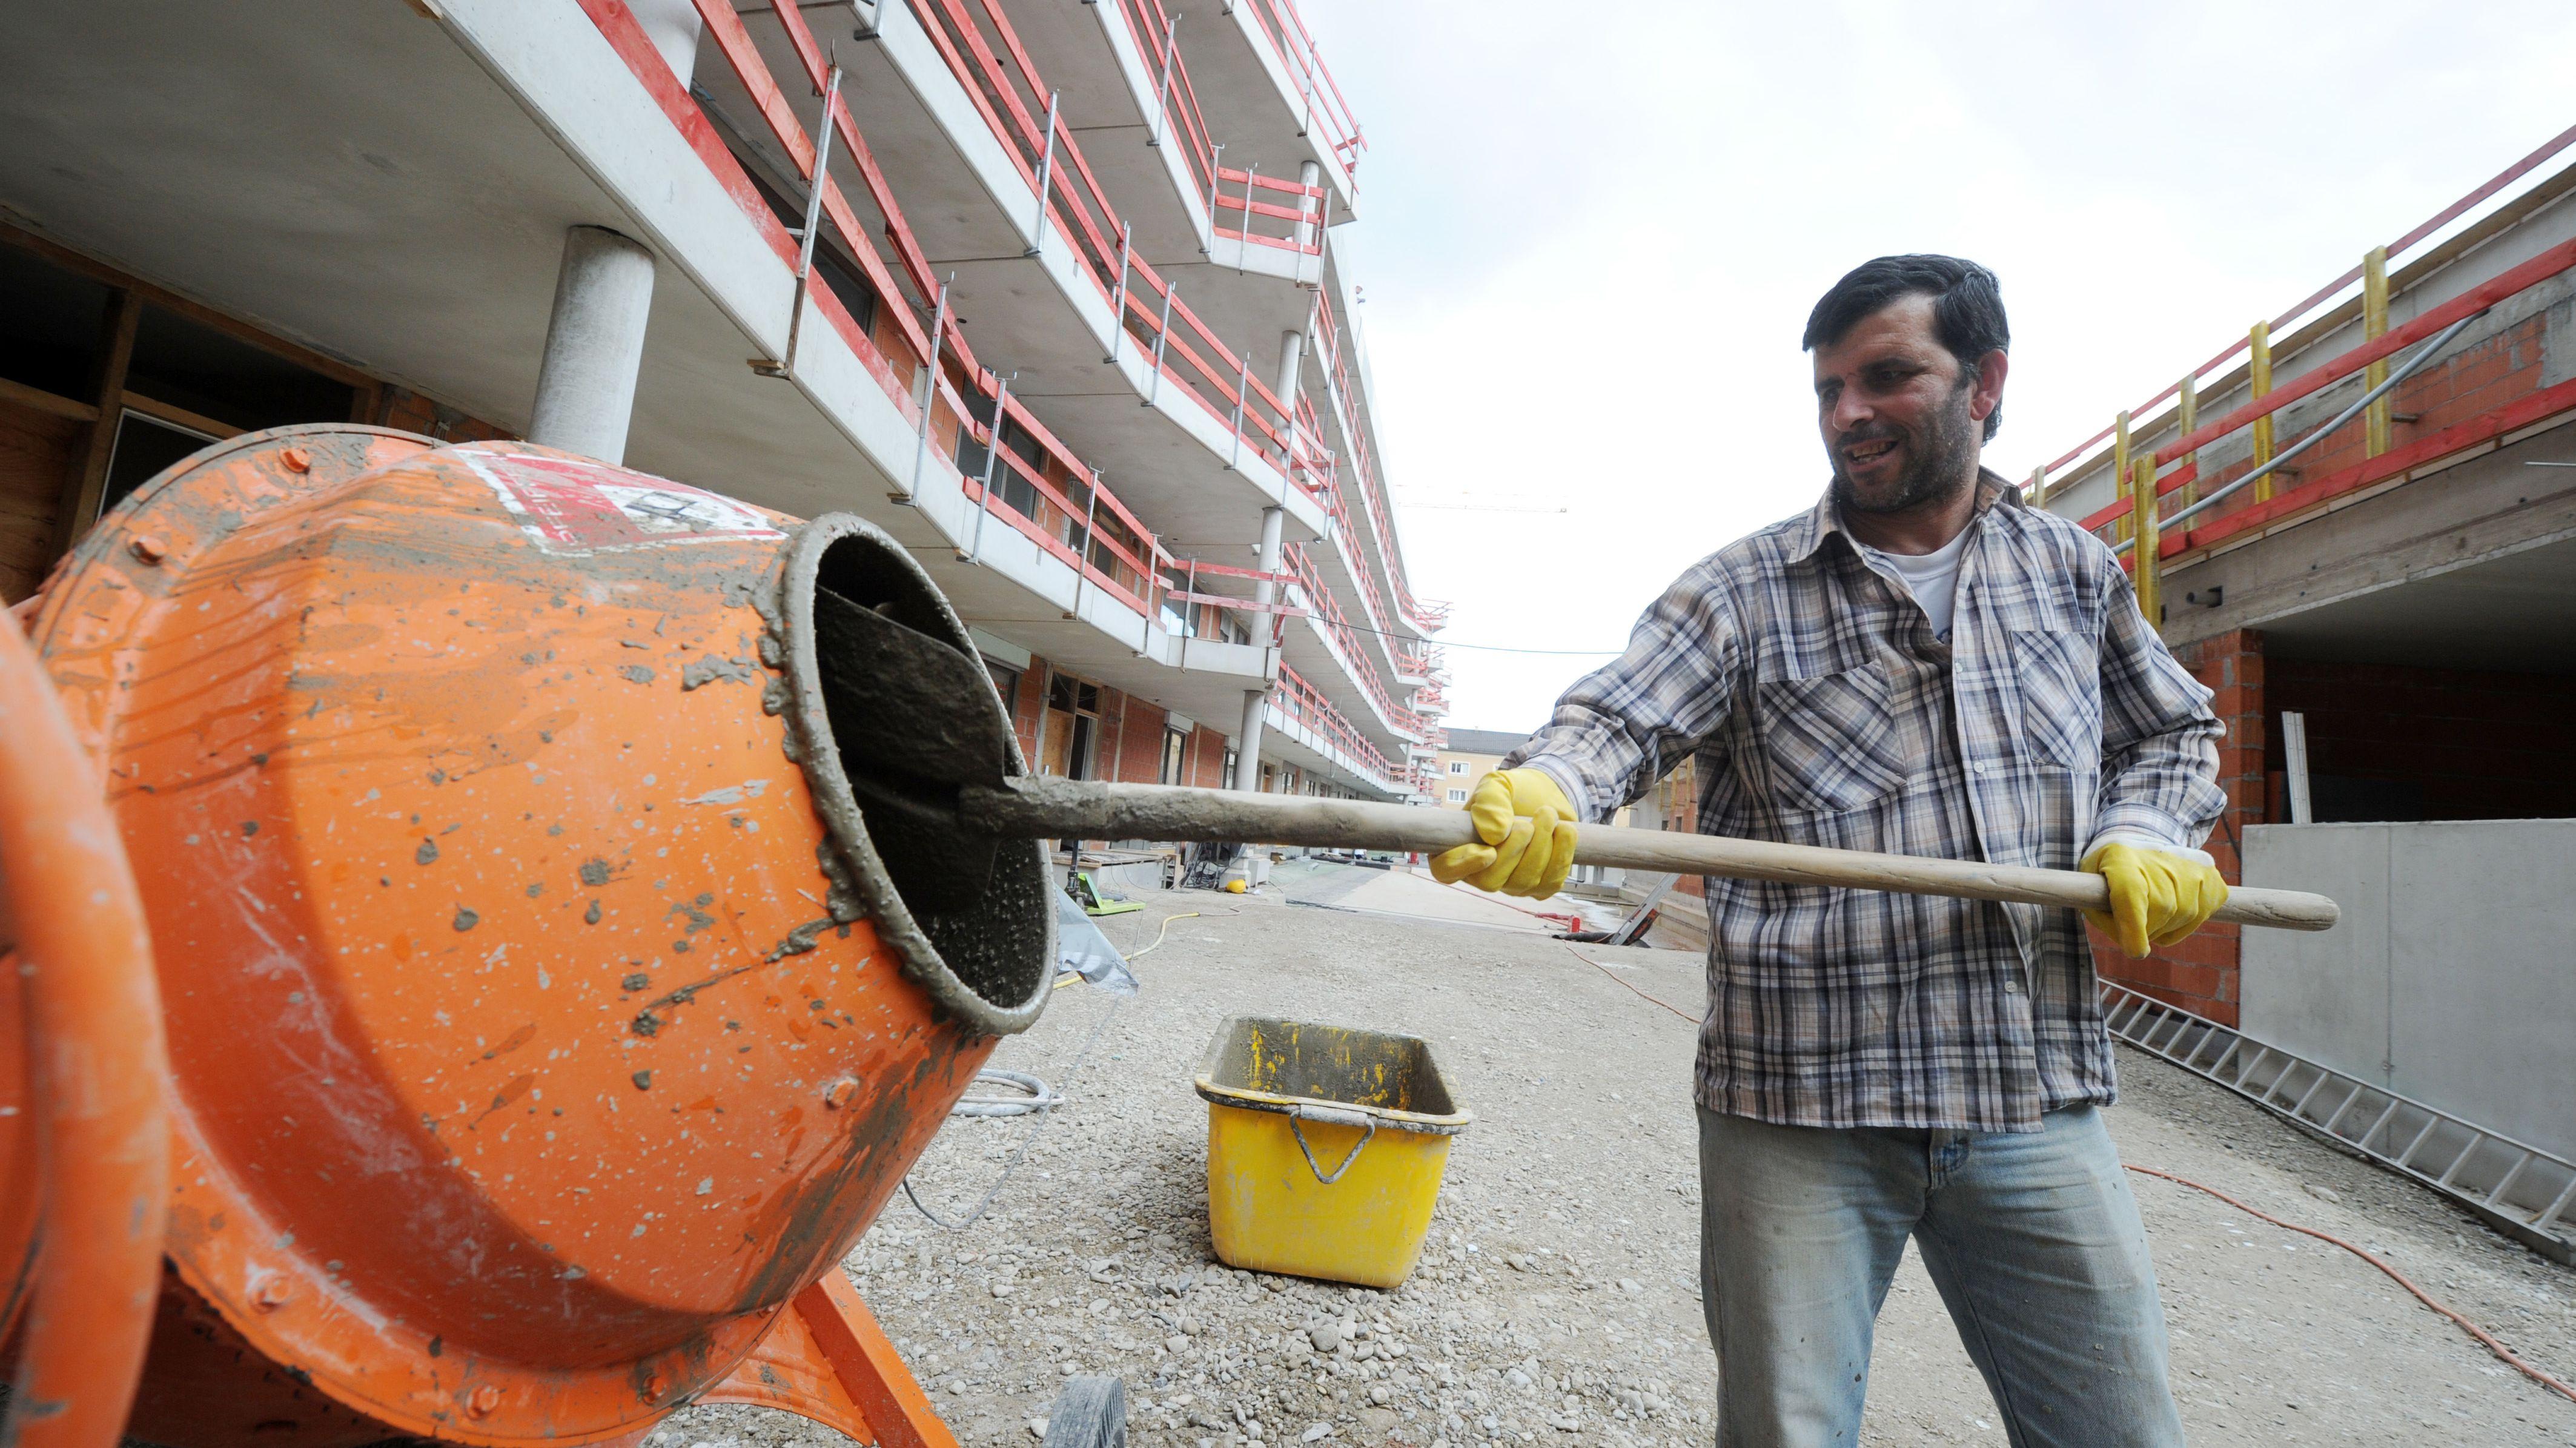 Ein Bauarbeiter befüllt mit einer Schaufel eine Betonmischmaschine.